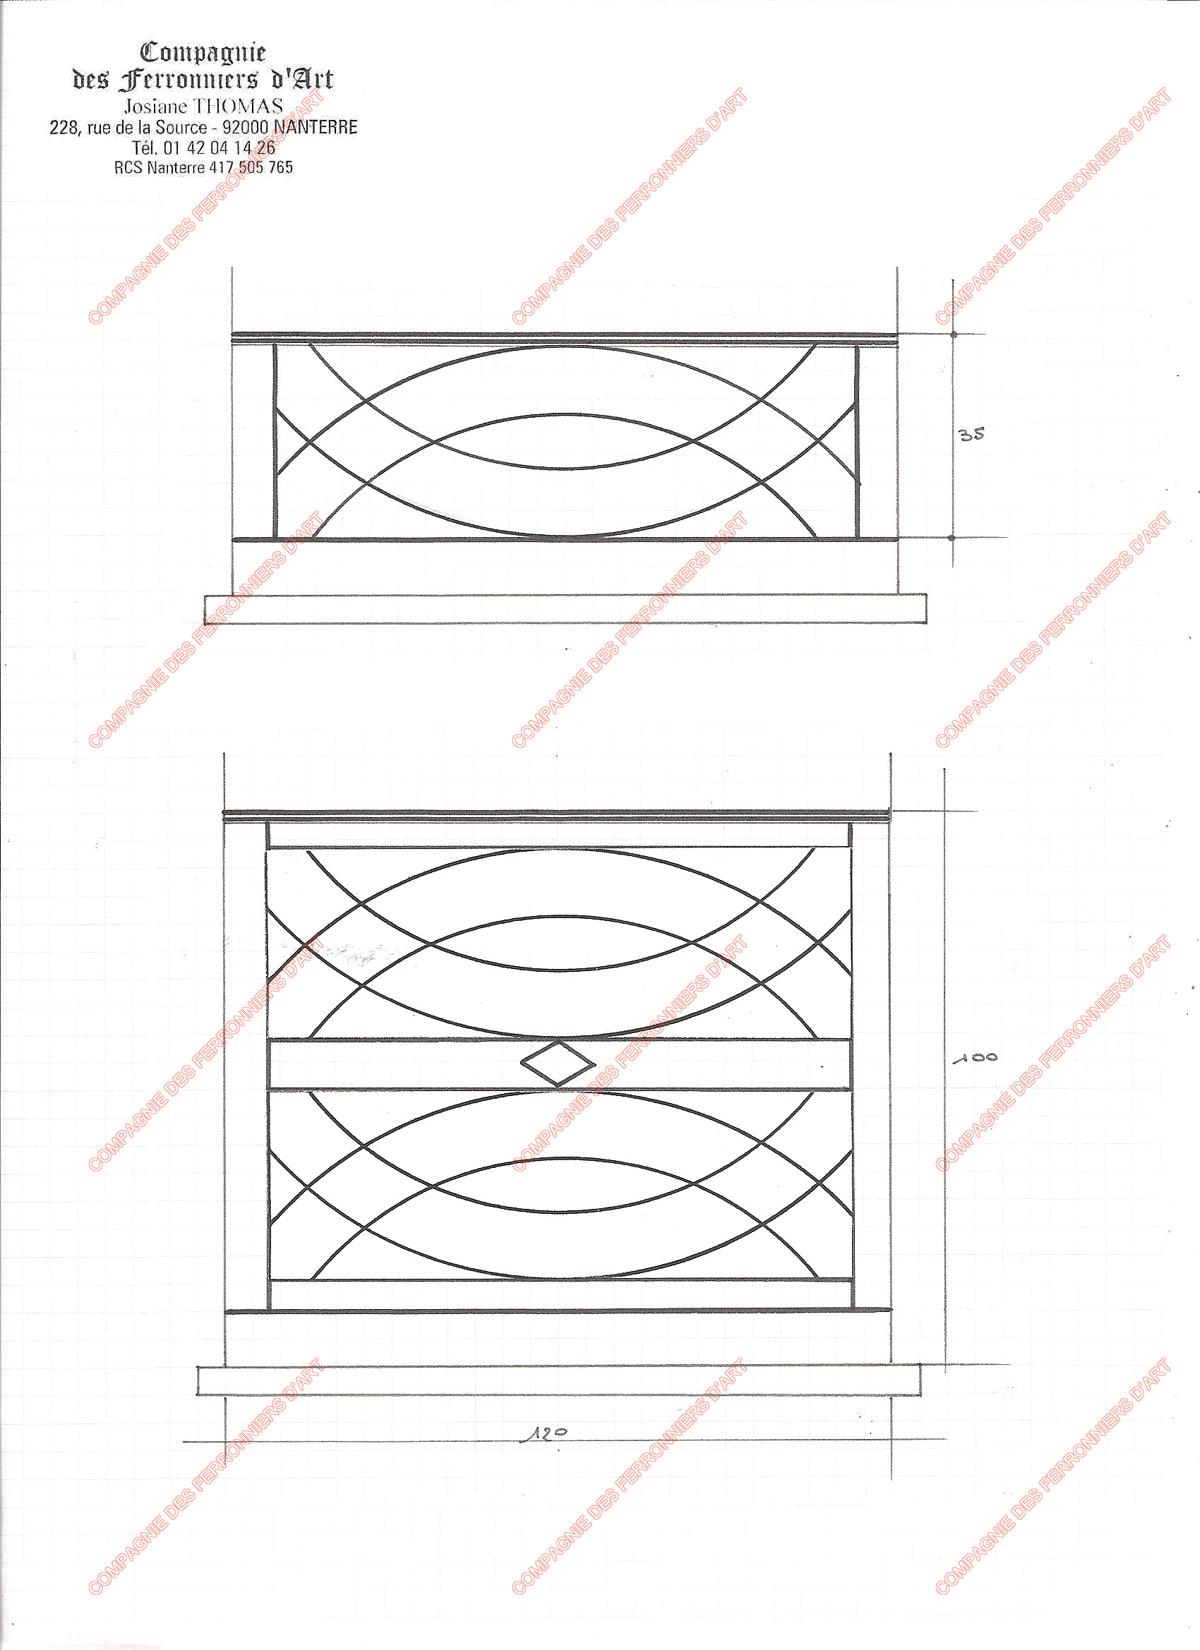 Appuis de fen tre en fer forg modernes mod le afm05 arceaux crois s for Modele fer forge pour fenetre